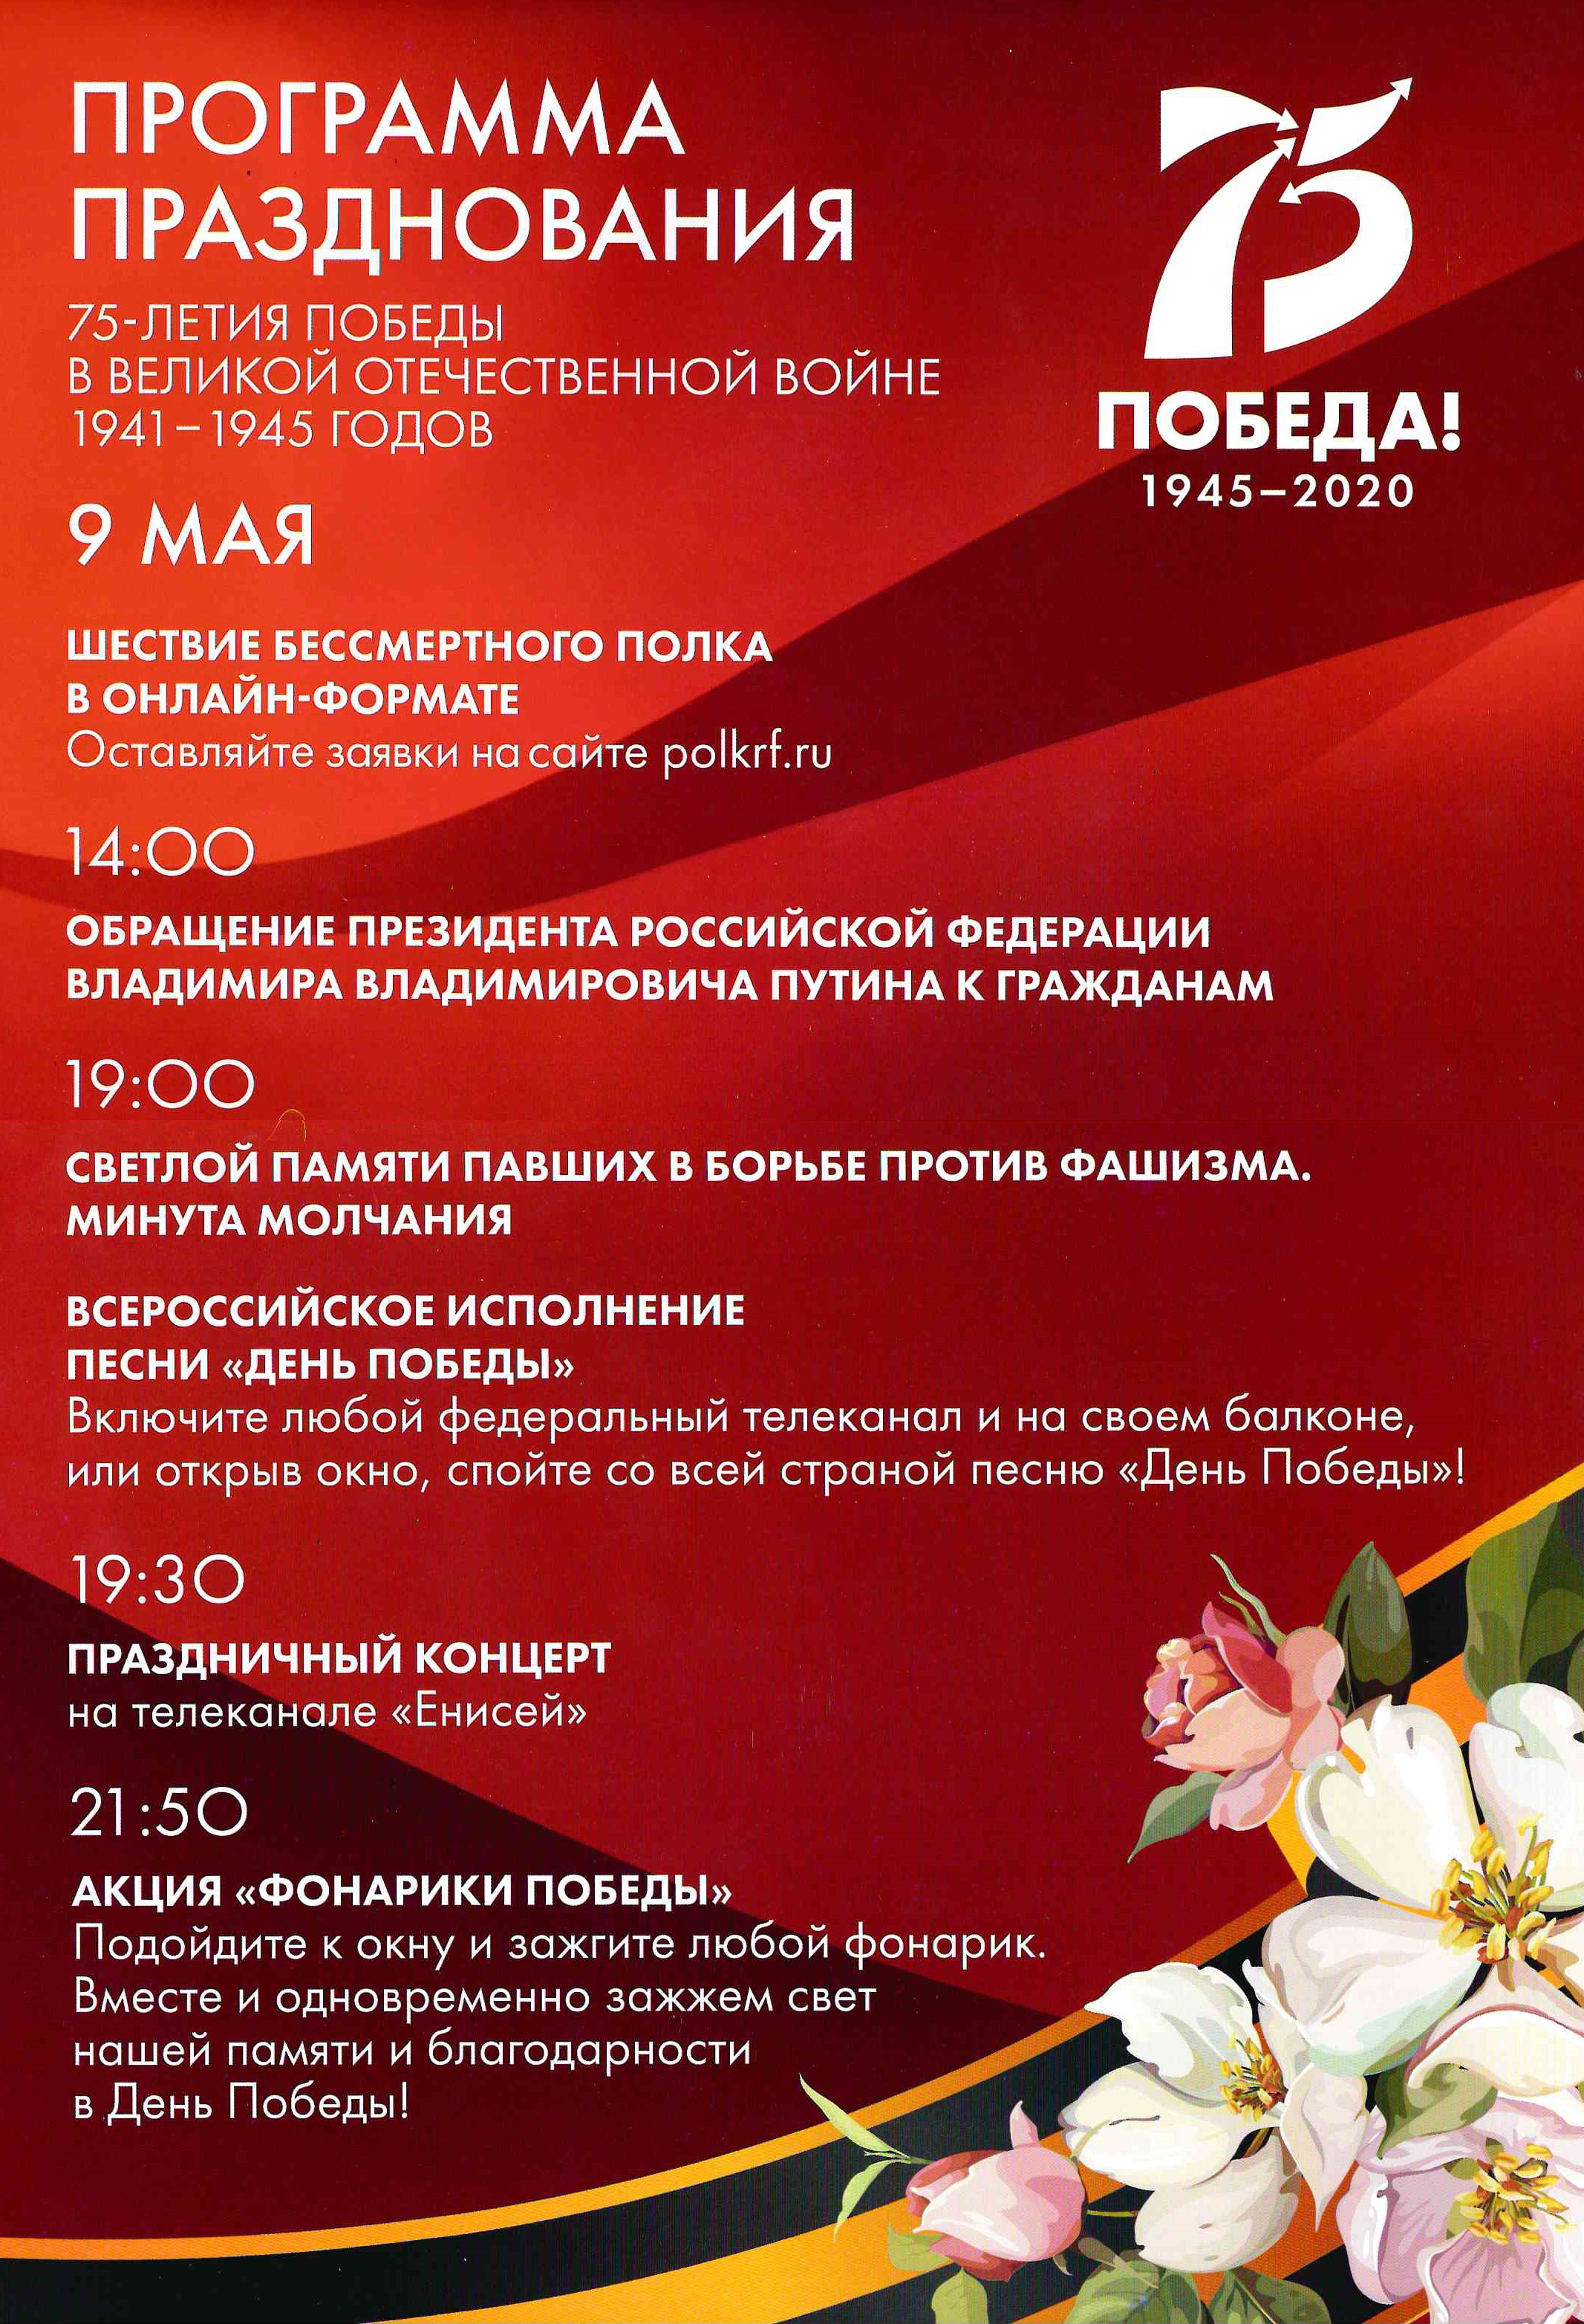 Программа празднования Дня Победы 9 мая 2020